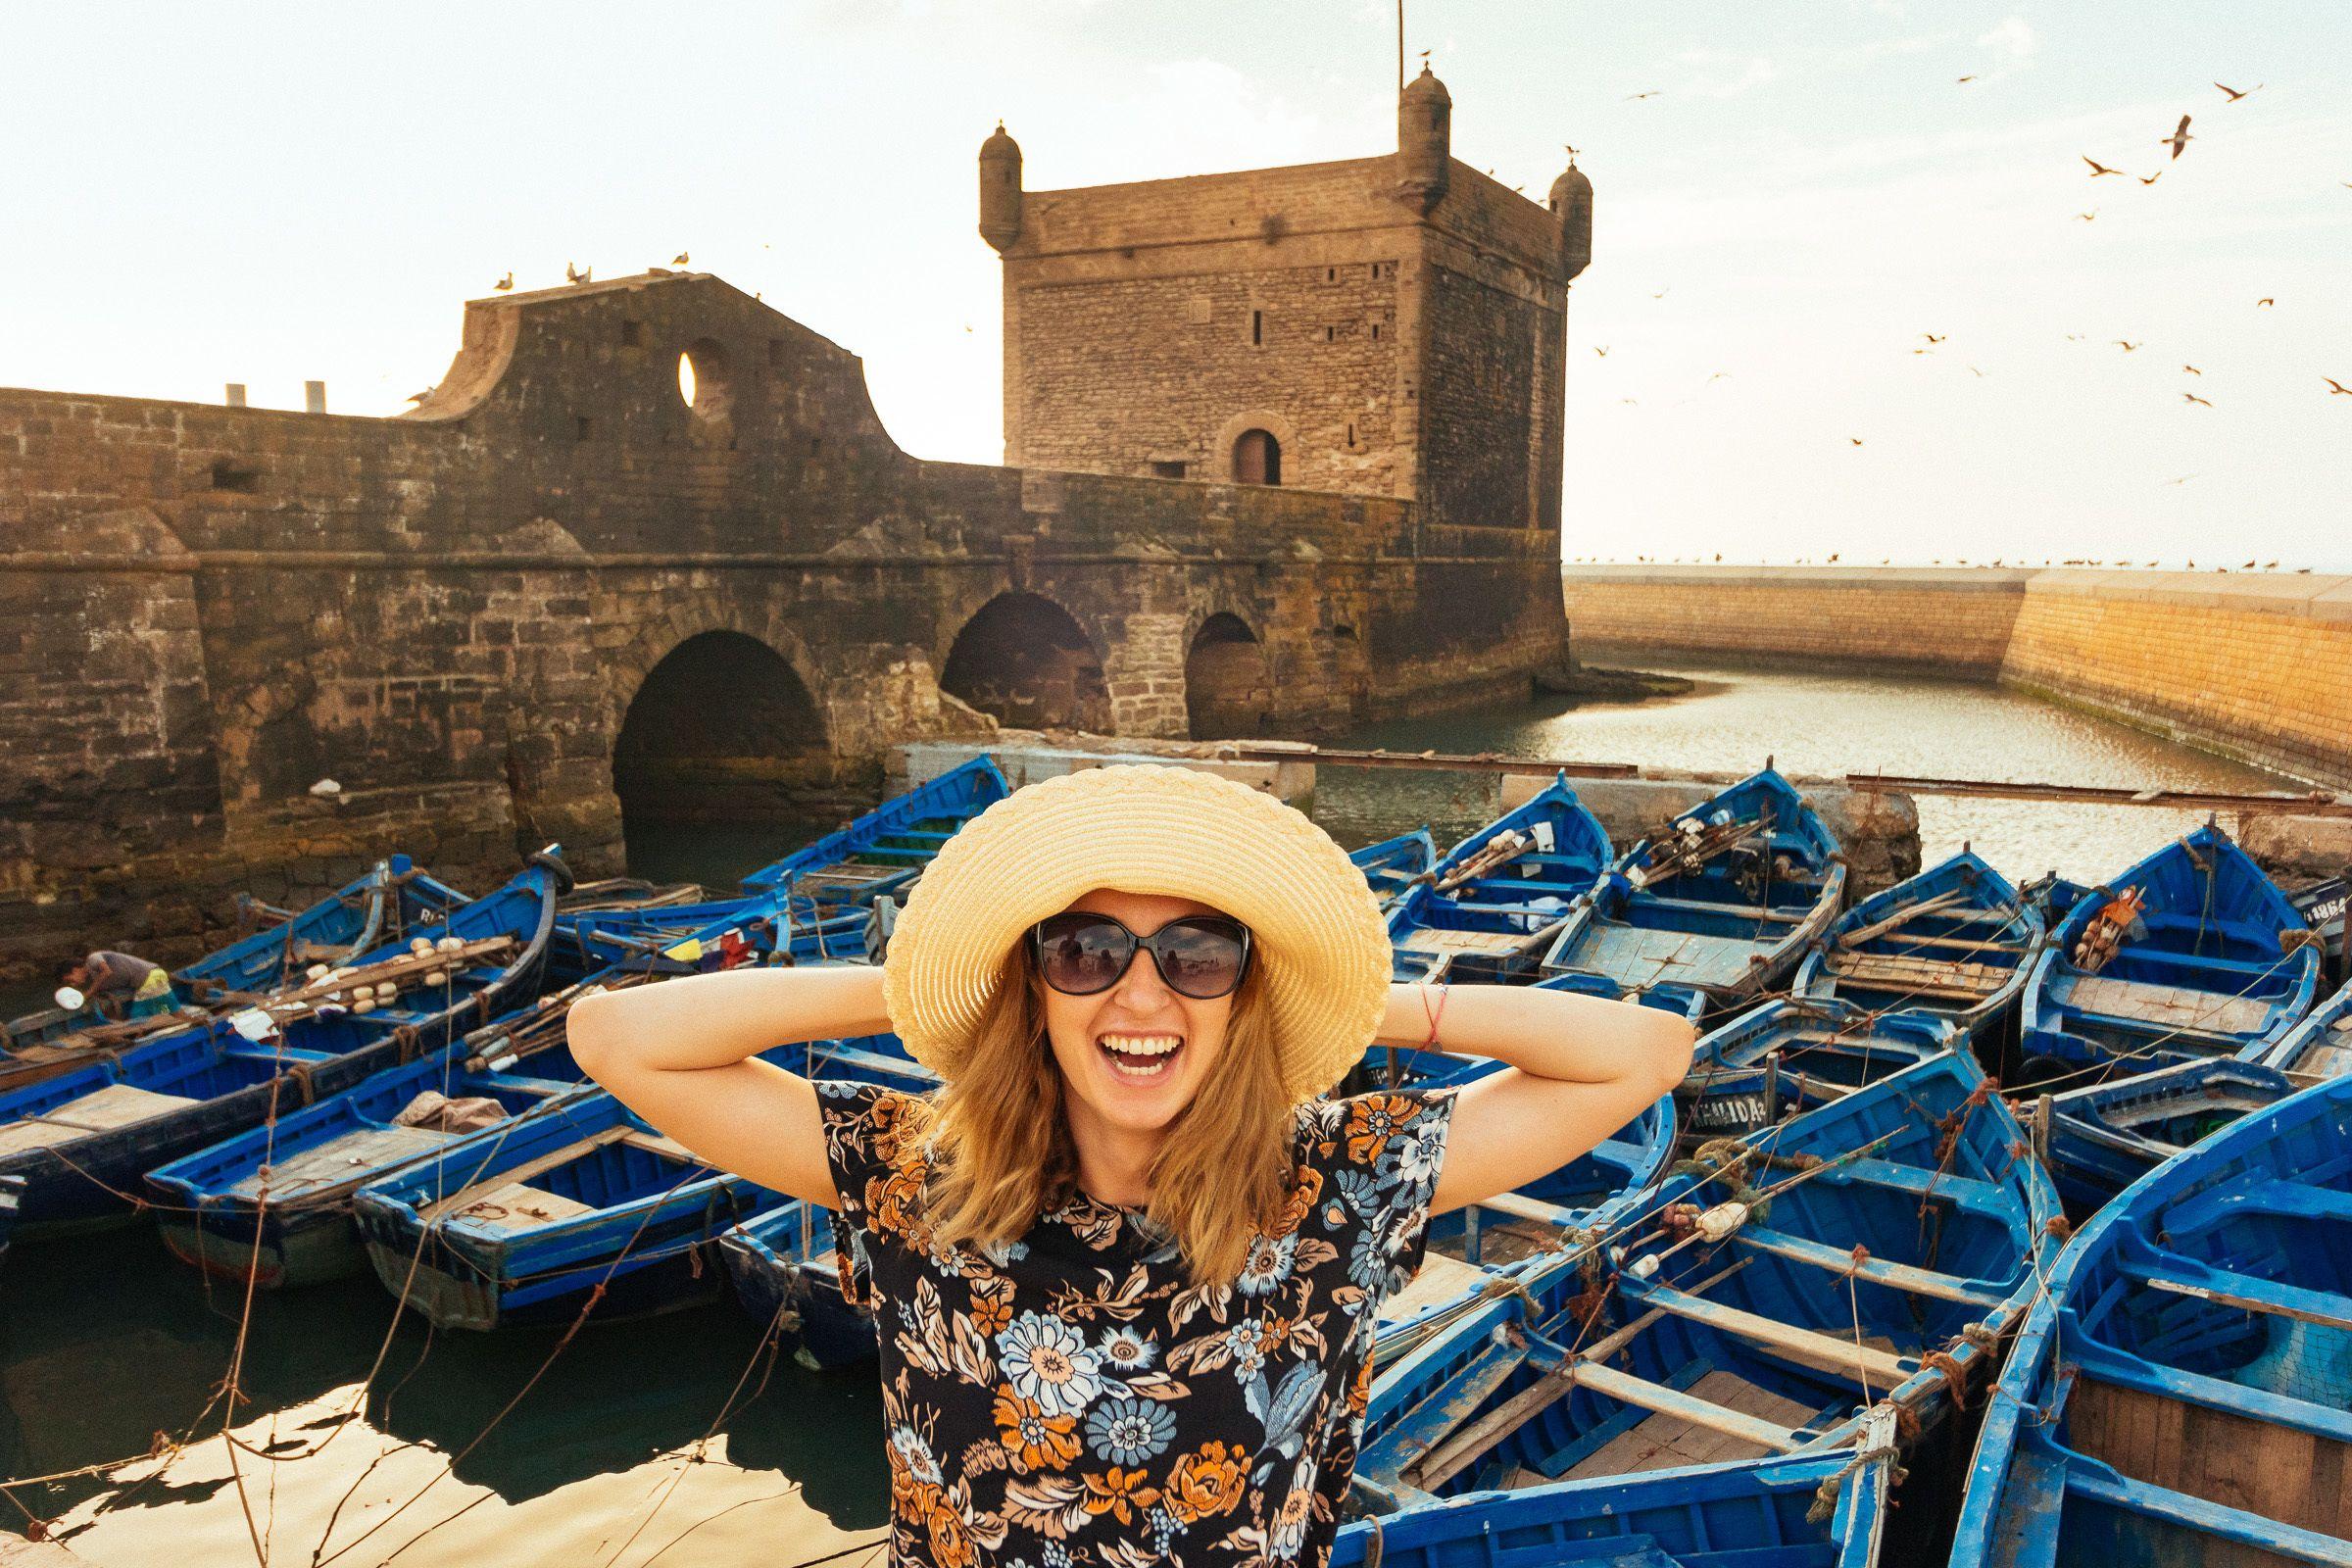 Woman posing next to boats in Essaouira